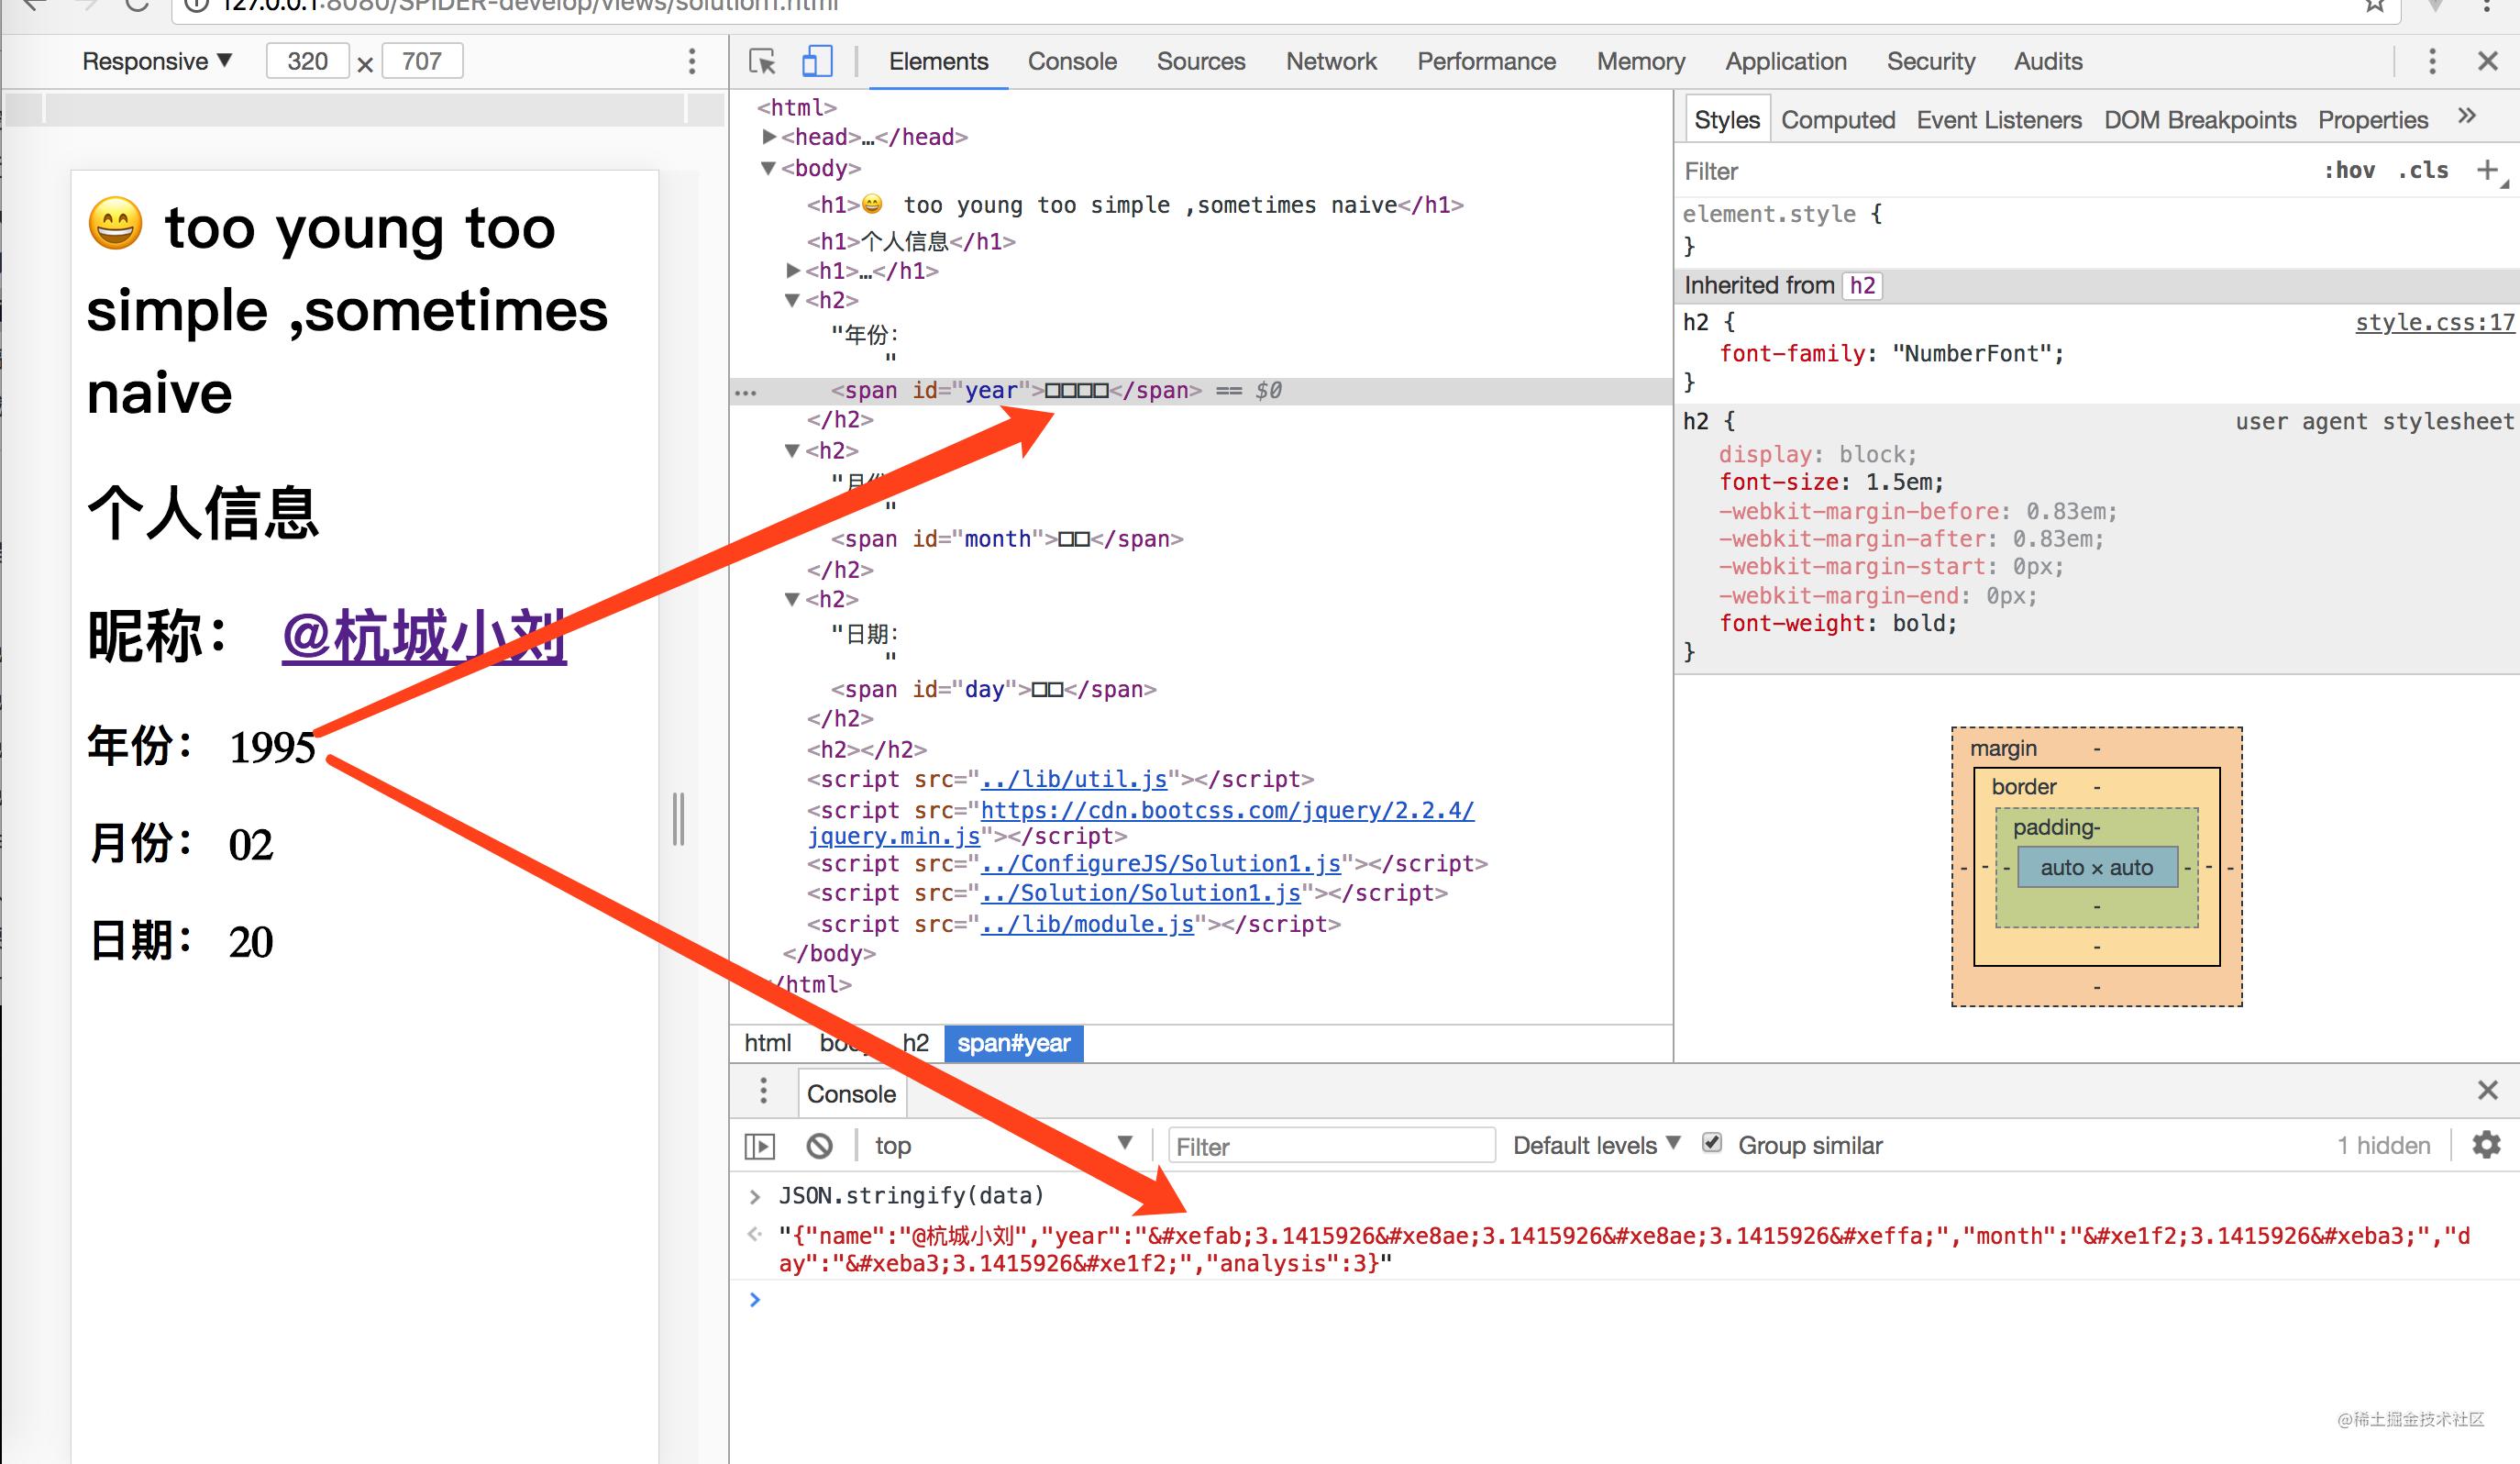 数字反爬-网页显示效果、审查元素、接口结果情况4